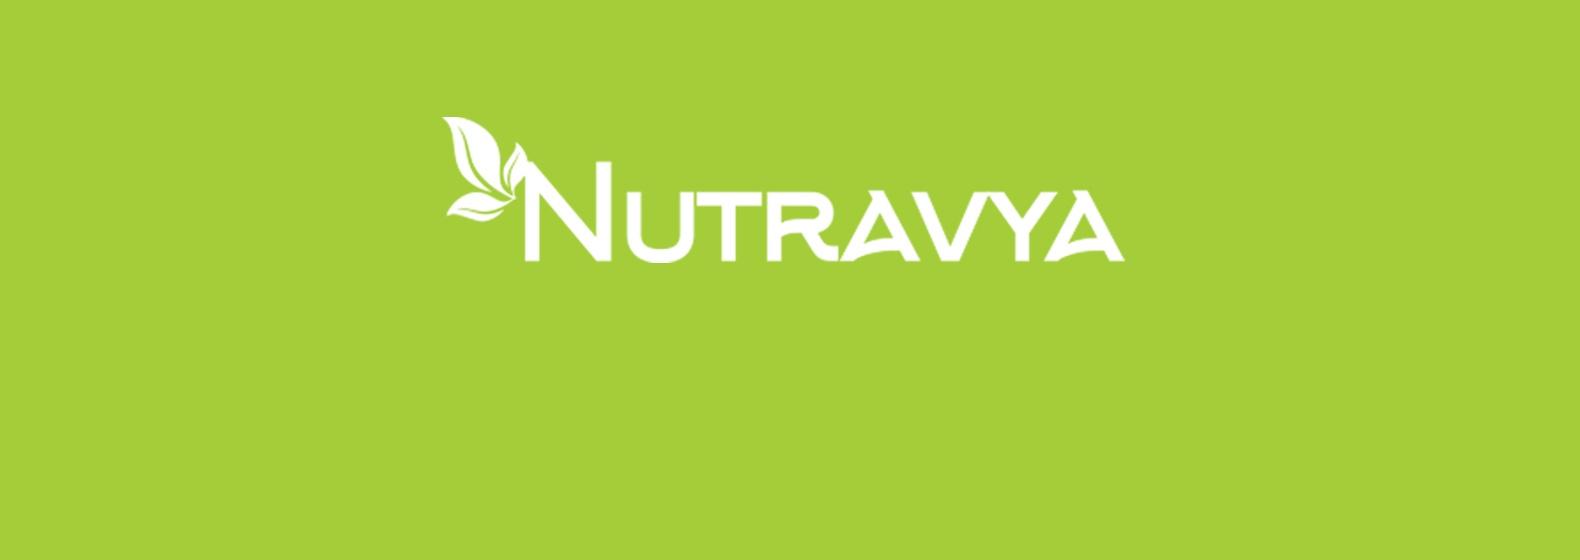 nutravya_g.jpg